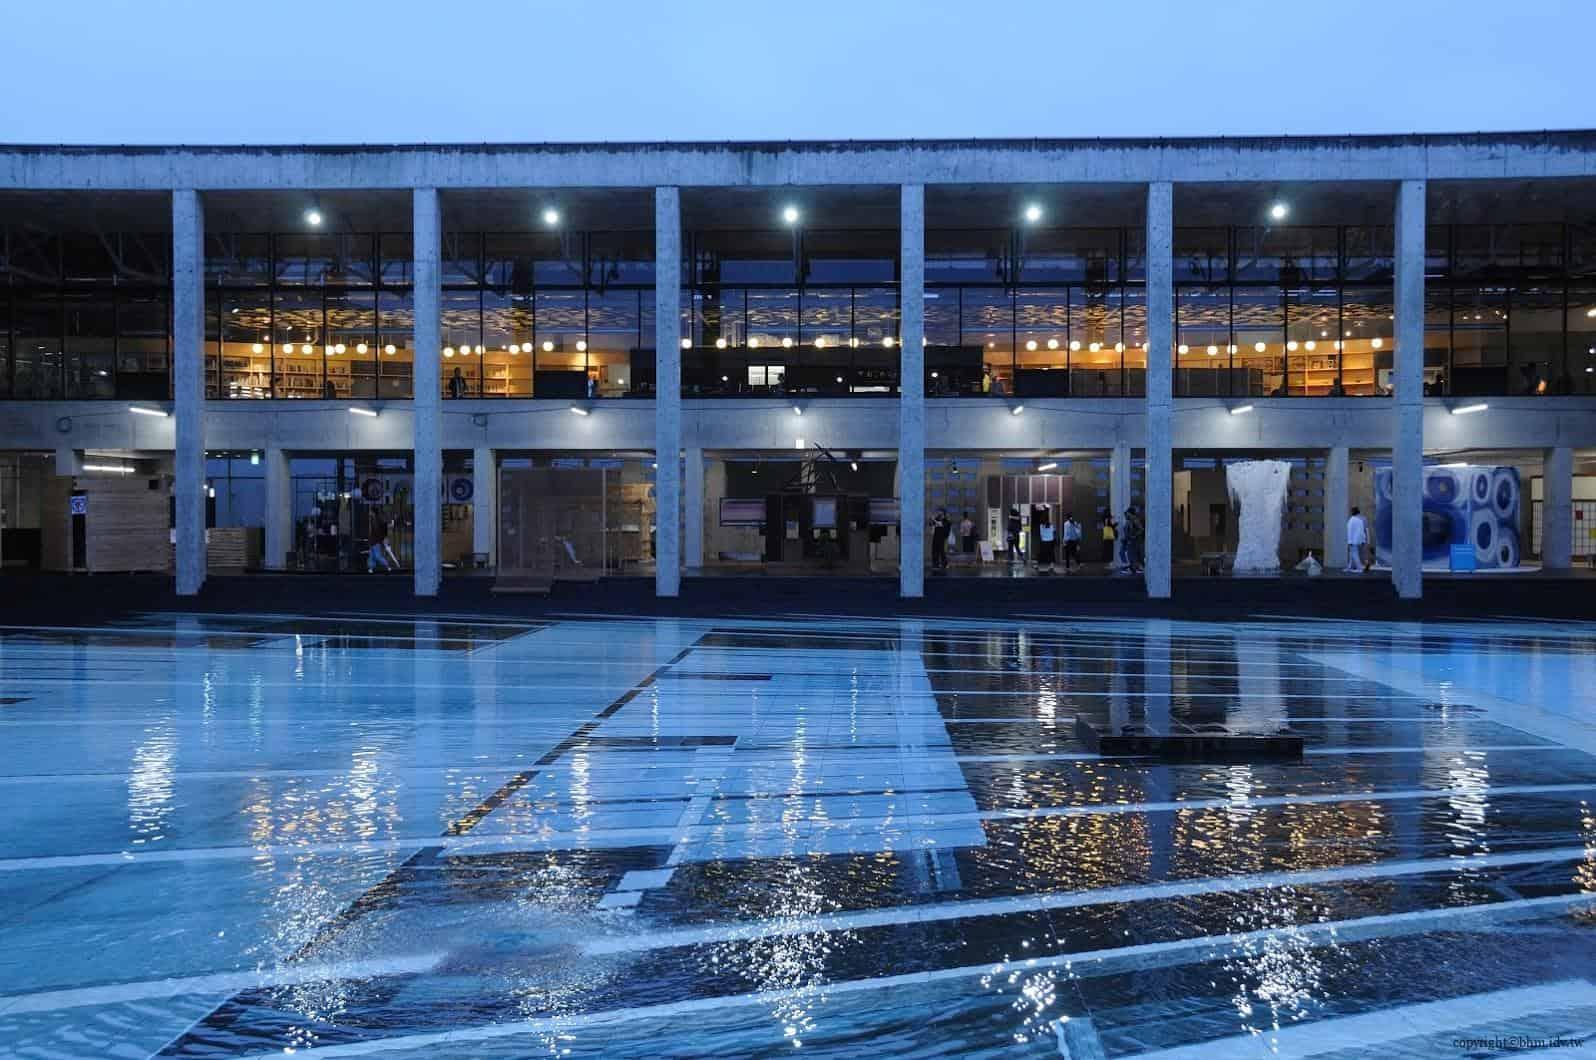 原廣司+ATELIER建築研究所,越後妻有里山現代美術館,阿根廷藝術家厄里奇,於中庭展出反射幻覺的大型情境作品。在一樓看水底時,只覺得是一般的紋路,沒有特別的地方。 越後妻有里山現代美術館 越後妻有里山現代美術館 echigo tsumari kouryukan echigo tsumari exchange center 04